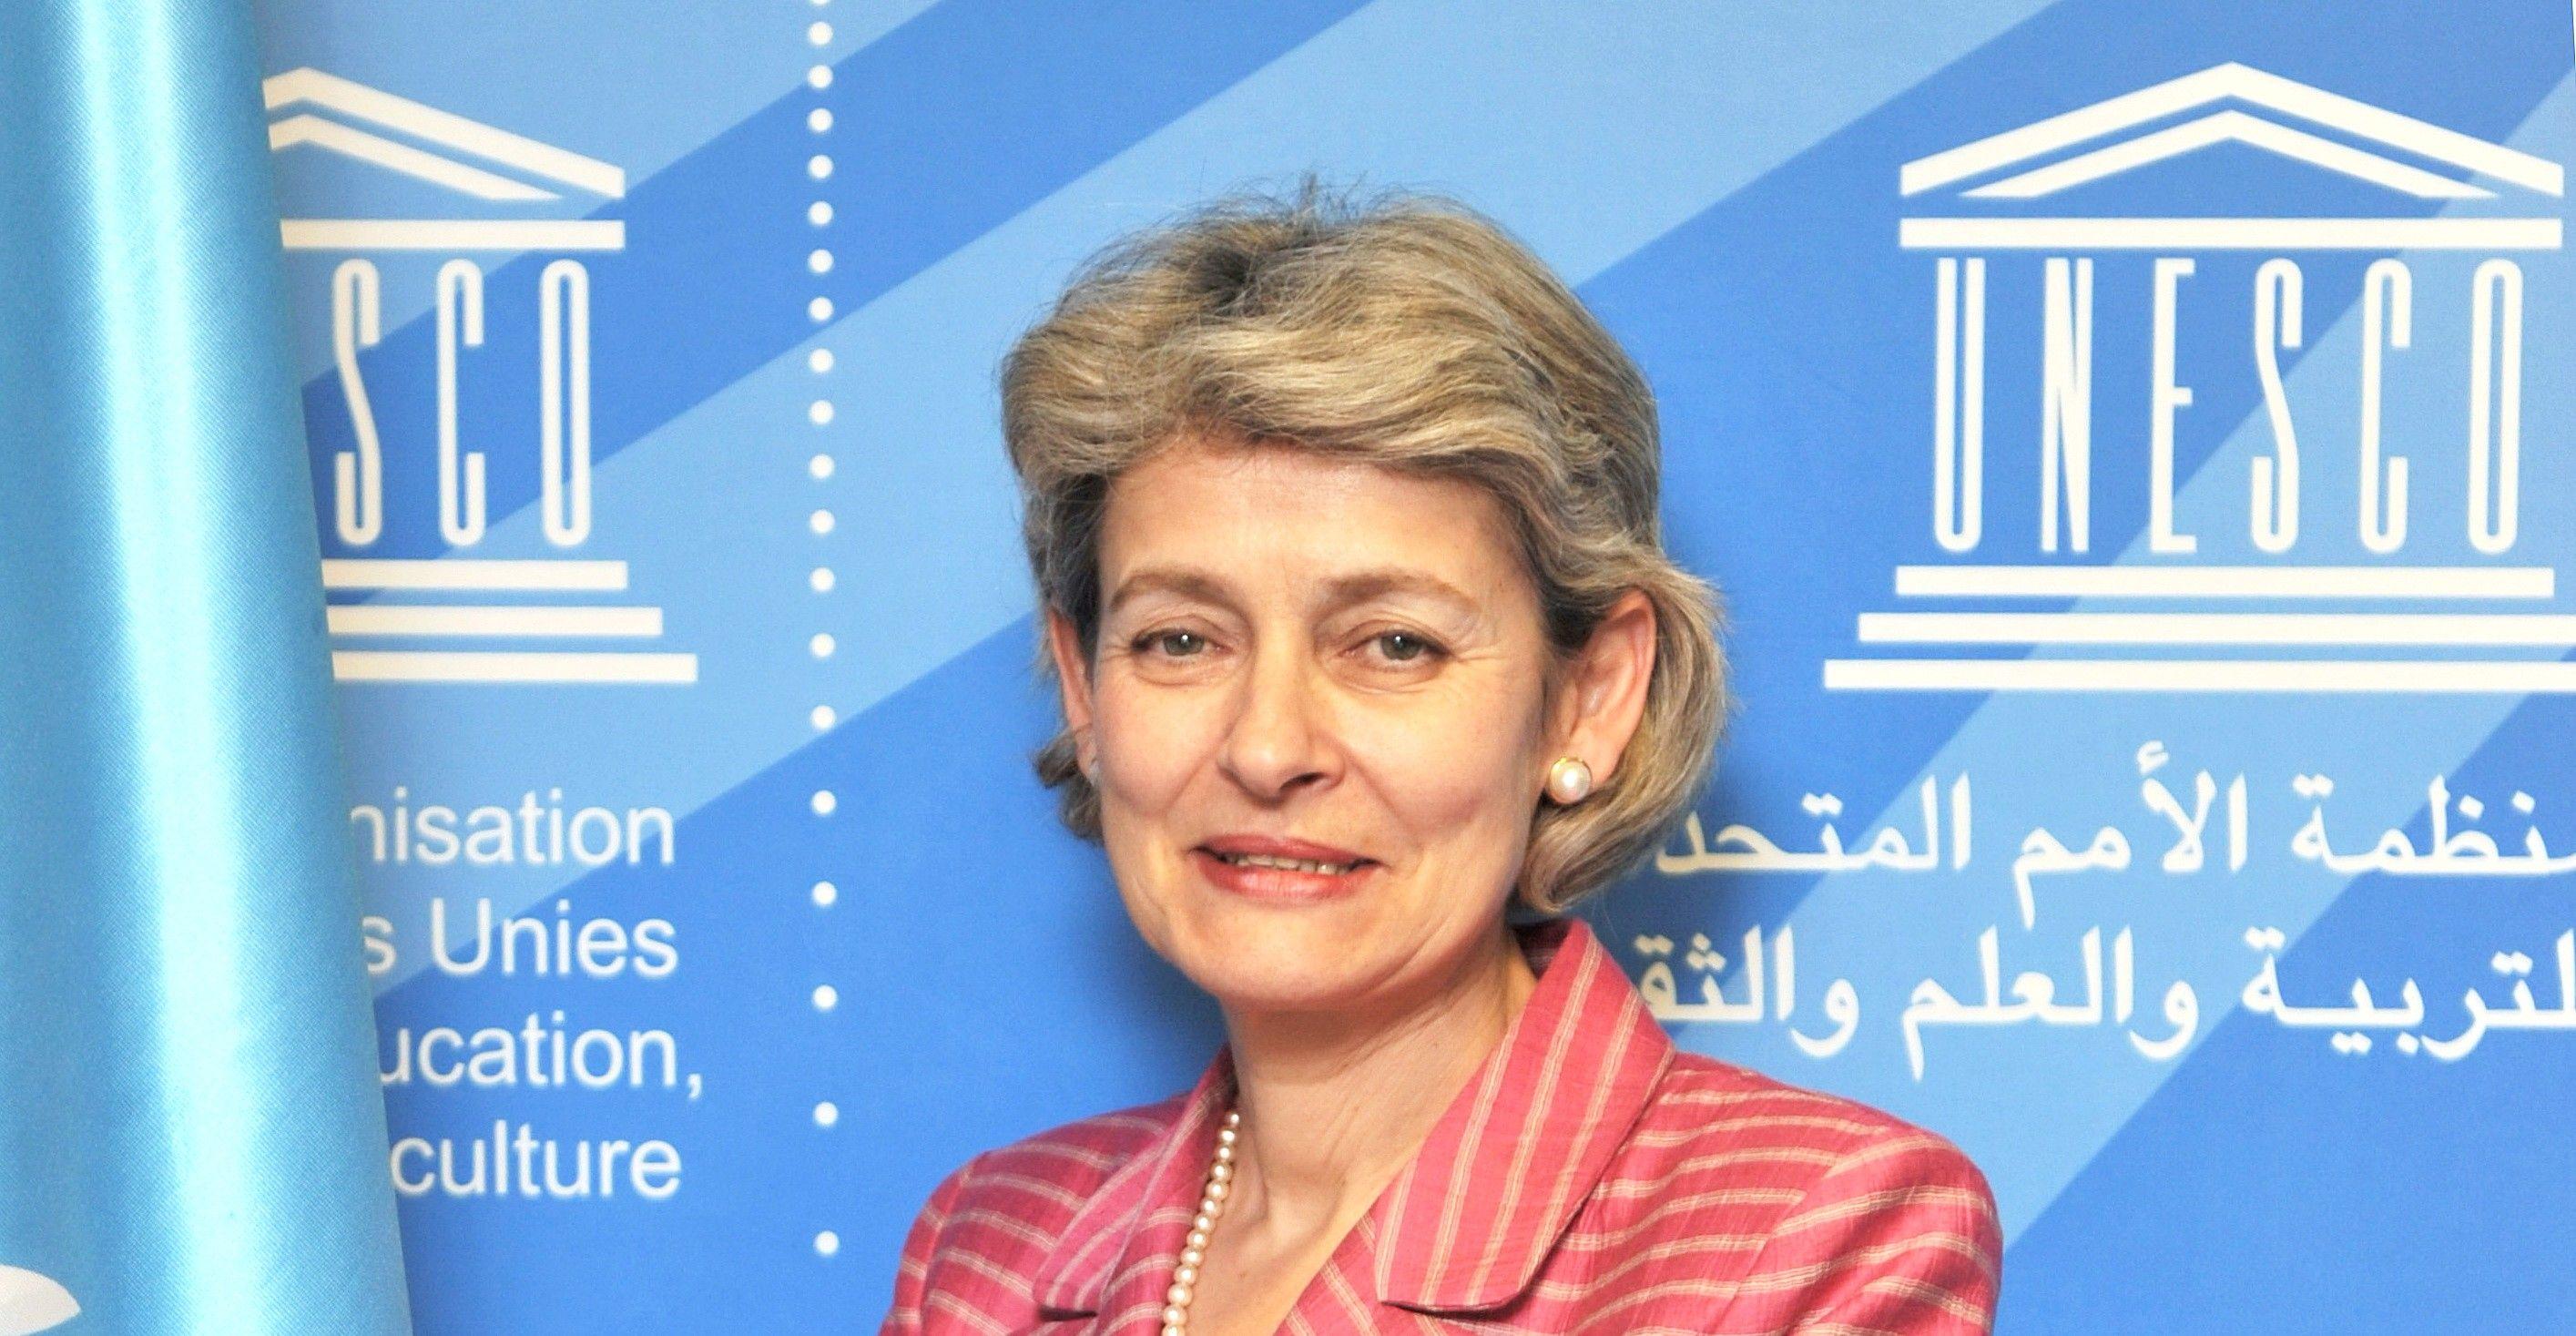 ЮНЕСКО высоко оценила Анну Герман! Ирина Бокова, генеральный директор ЮНЕСКО